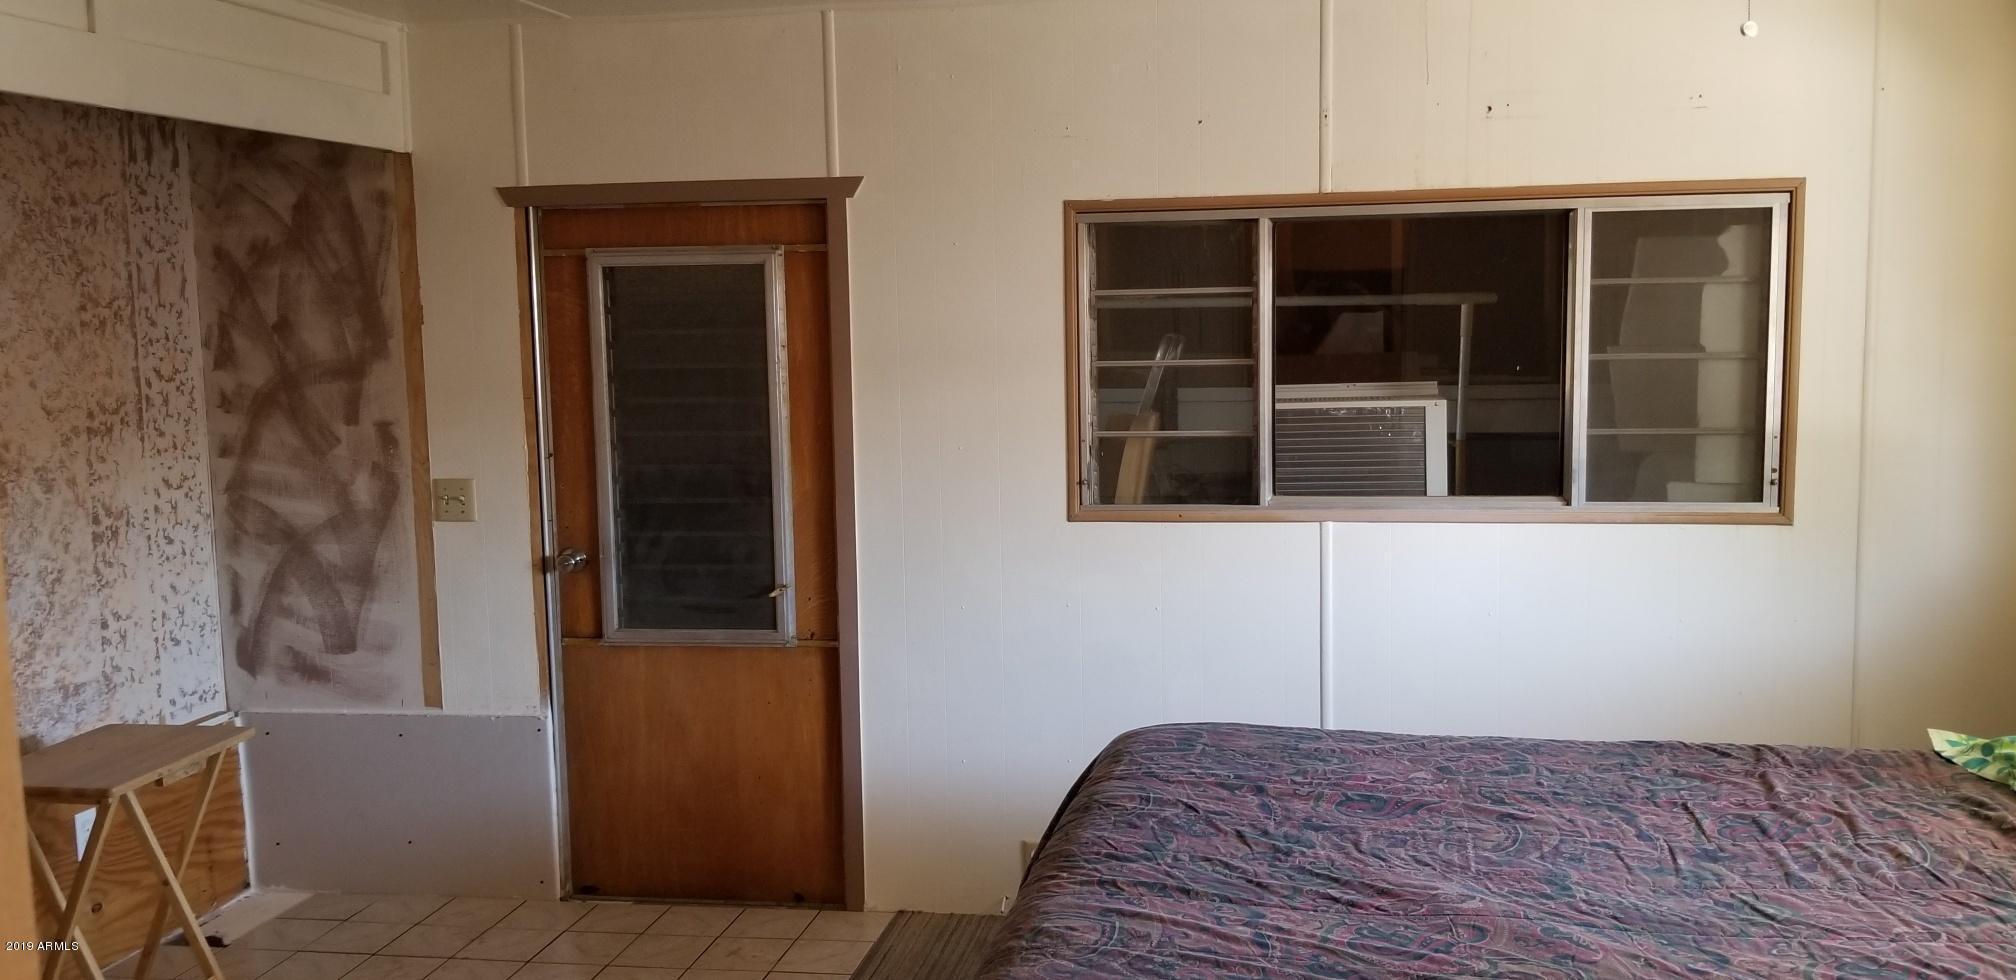 MLS 5952235 15820 N 66TH Drive, Glendale, AZ 85306 Glendale AZ Affordable